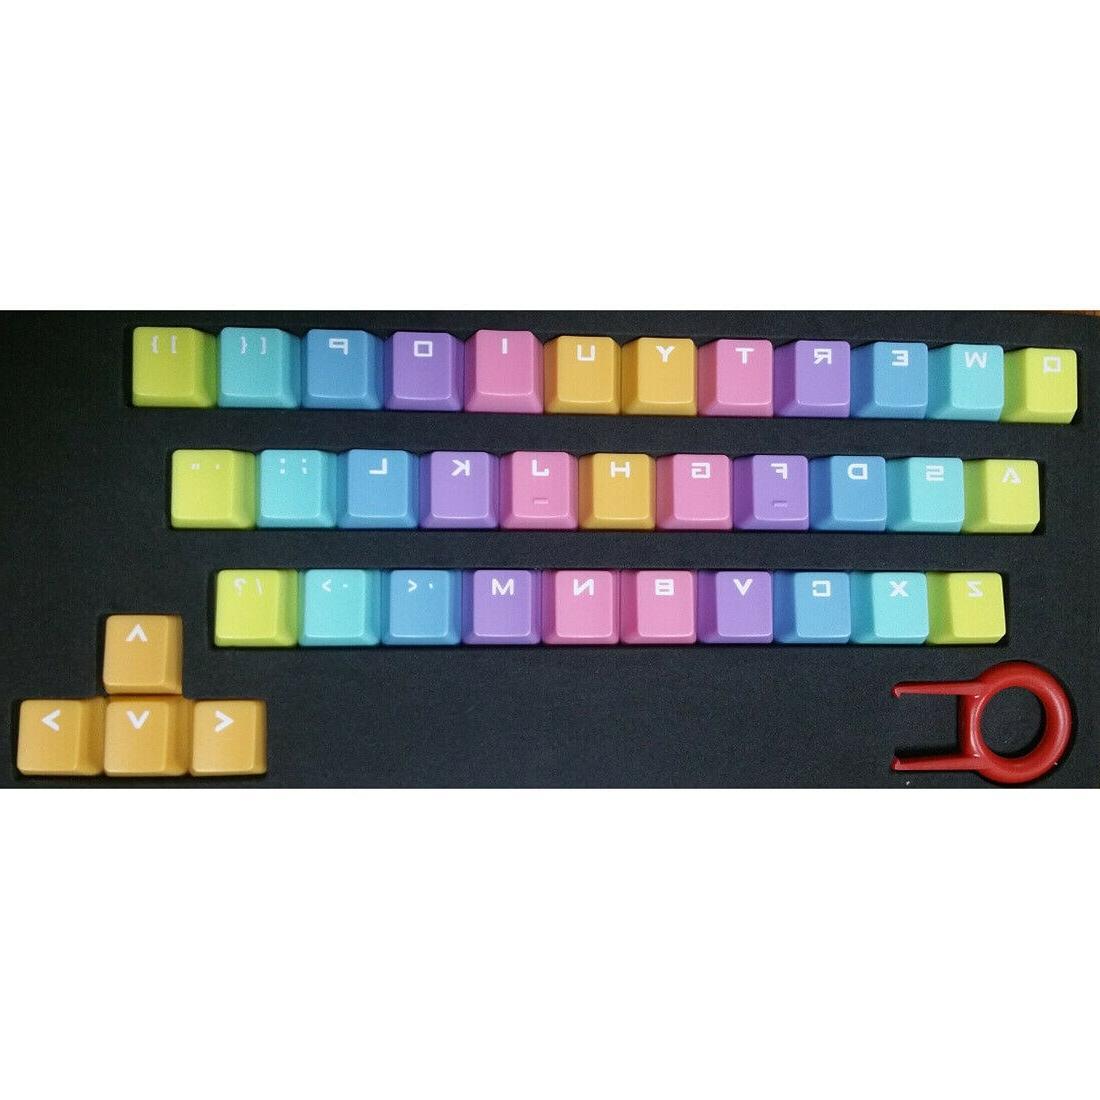 Mechanical Keyboard USB Wired Desktop